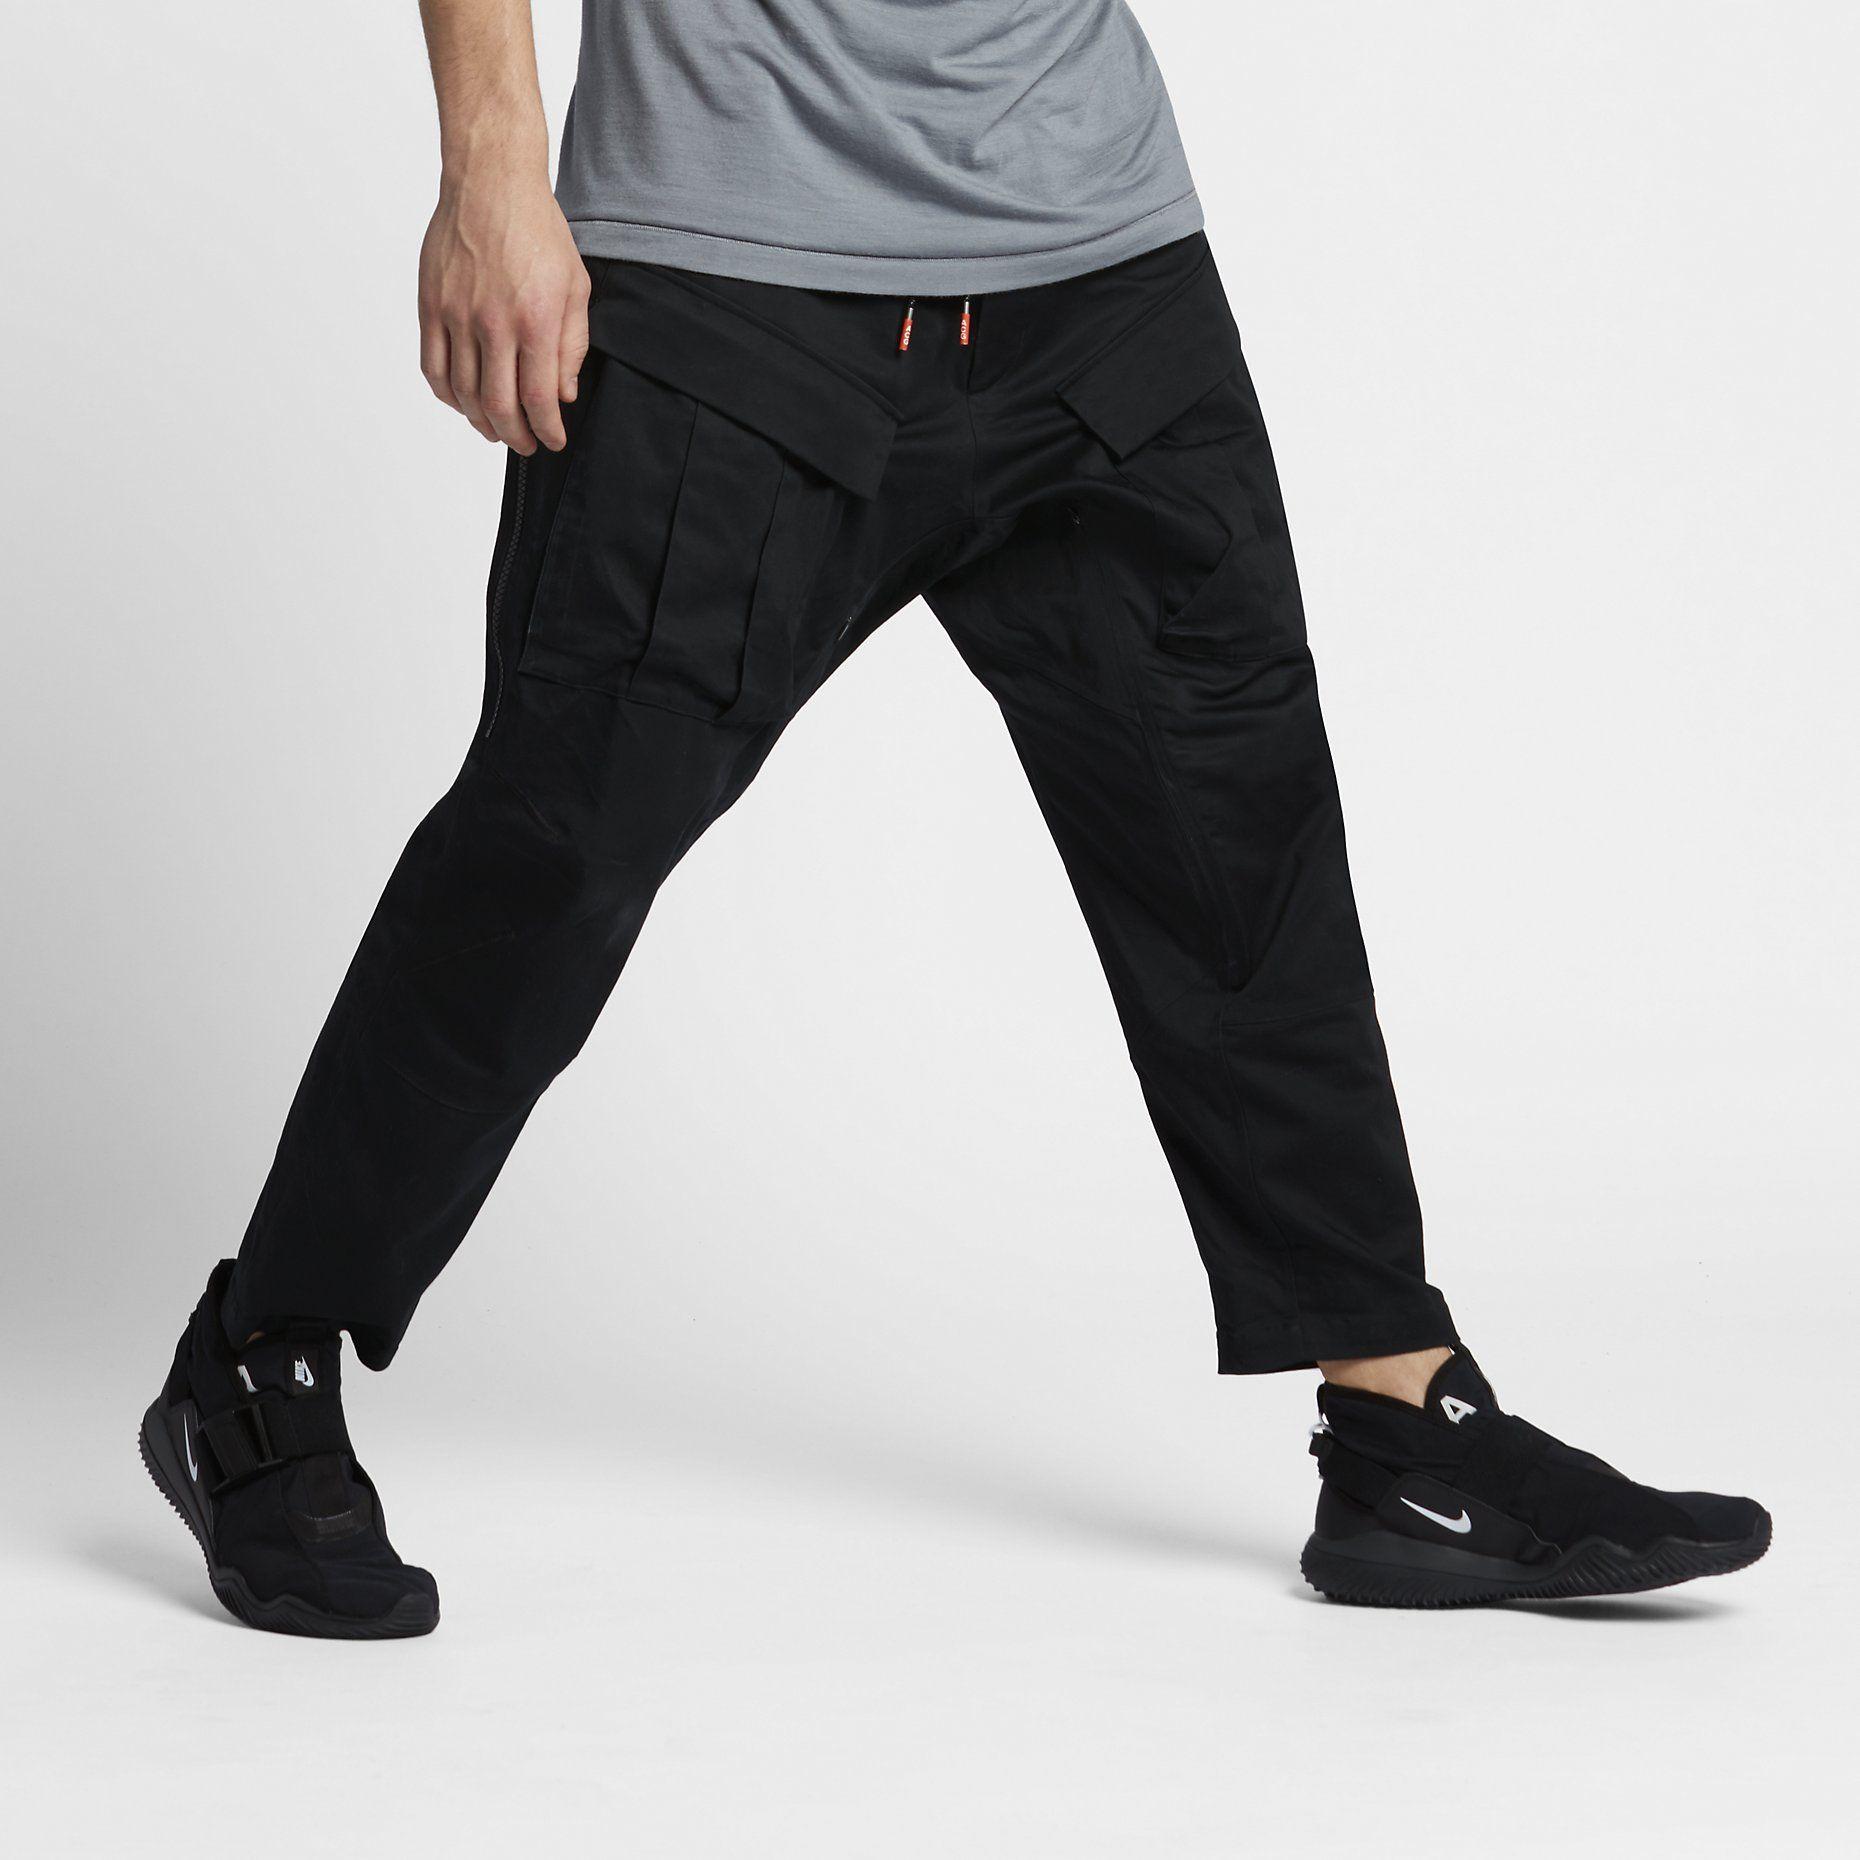 pantaloni nike uomo 2017 inverno